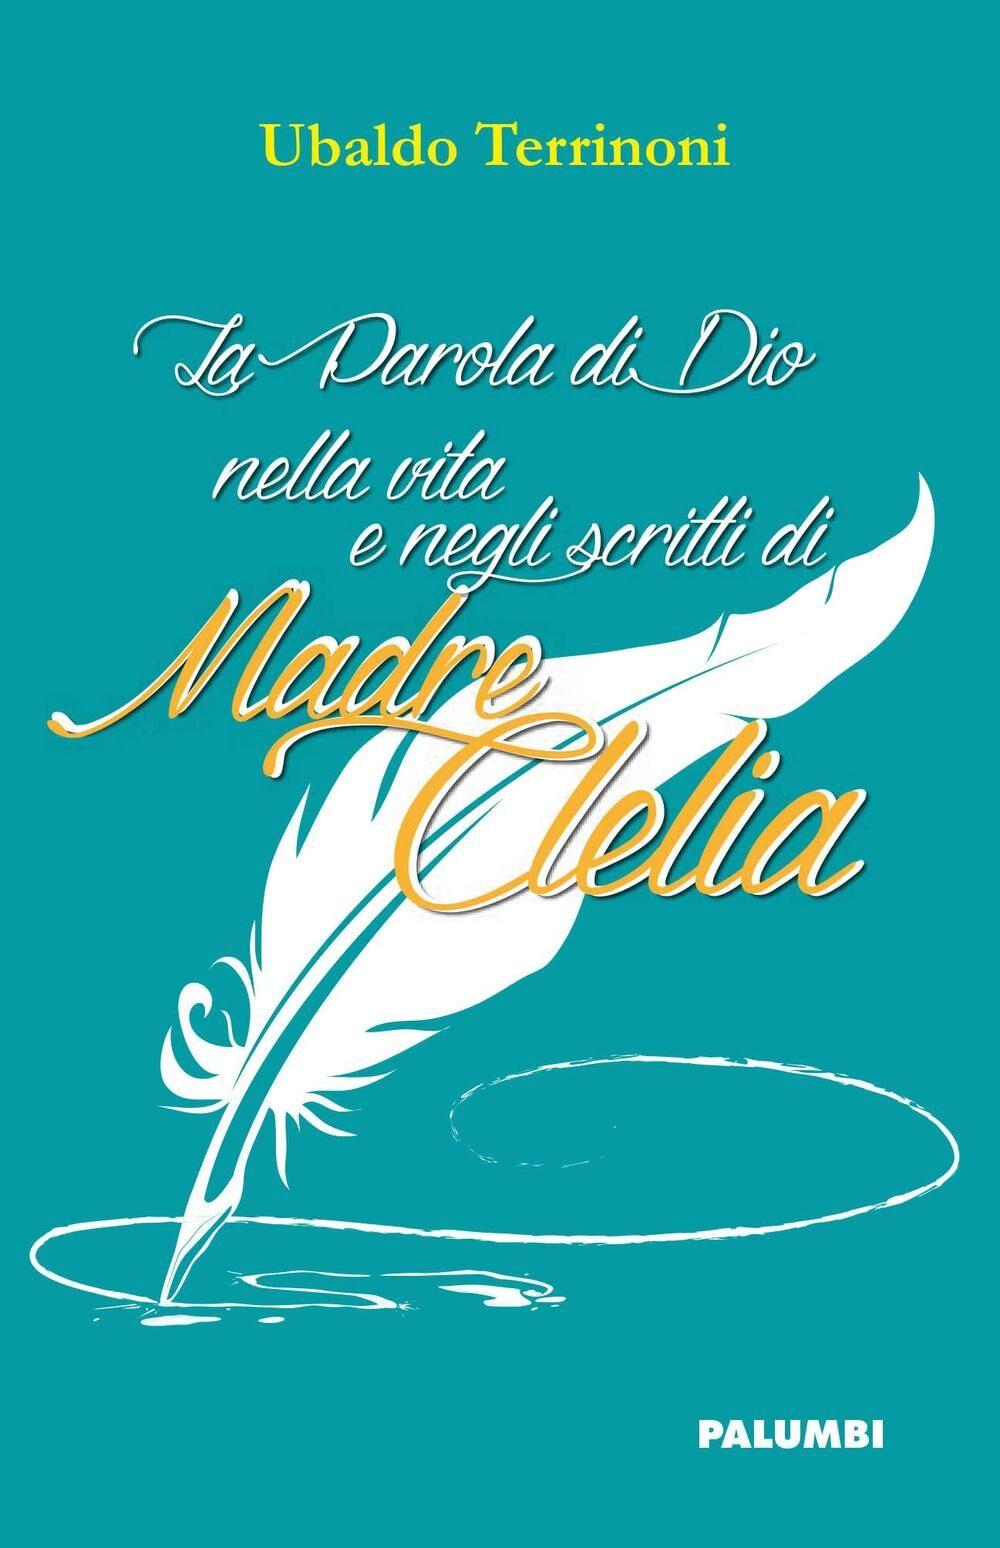 La parola di Dio nella vita e negli scritti di madre Clelia